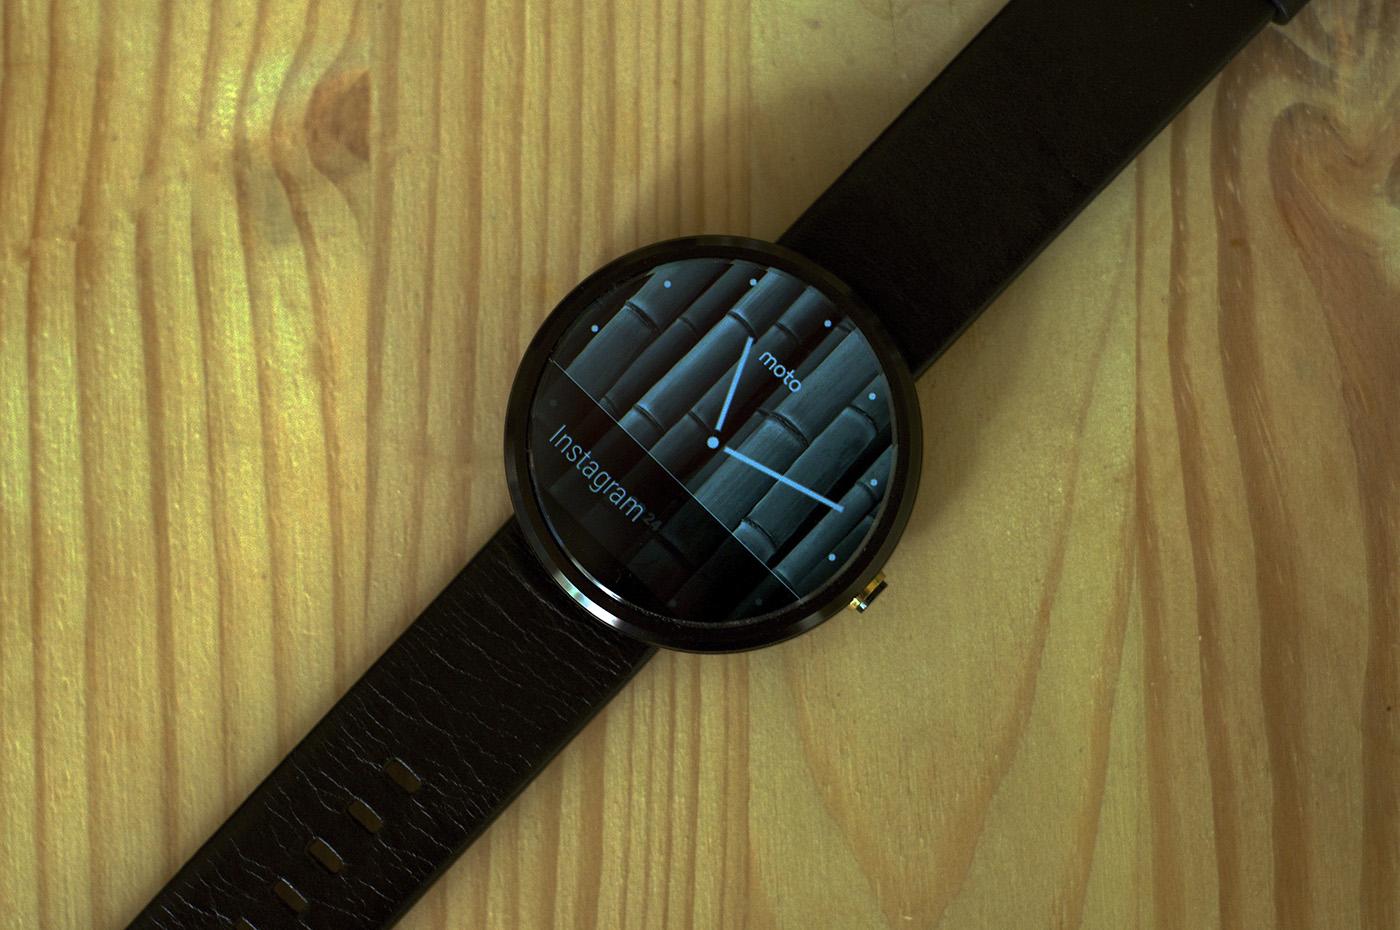 Motorola-Moto-360-Android-Wear-5-1-21